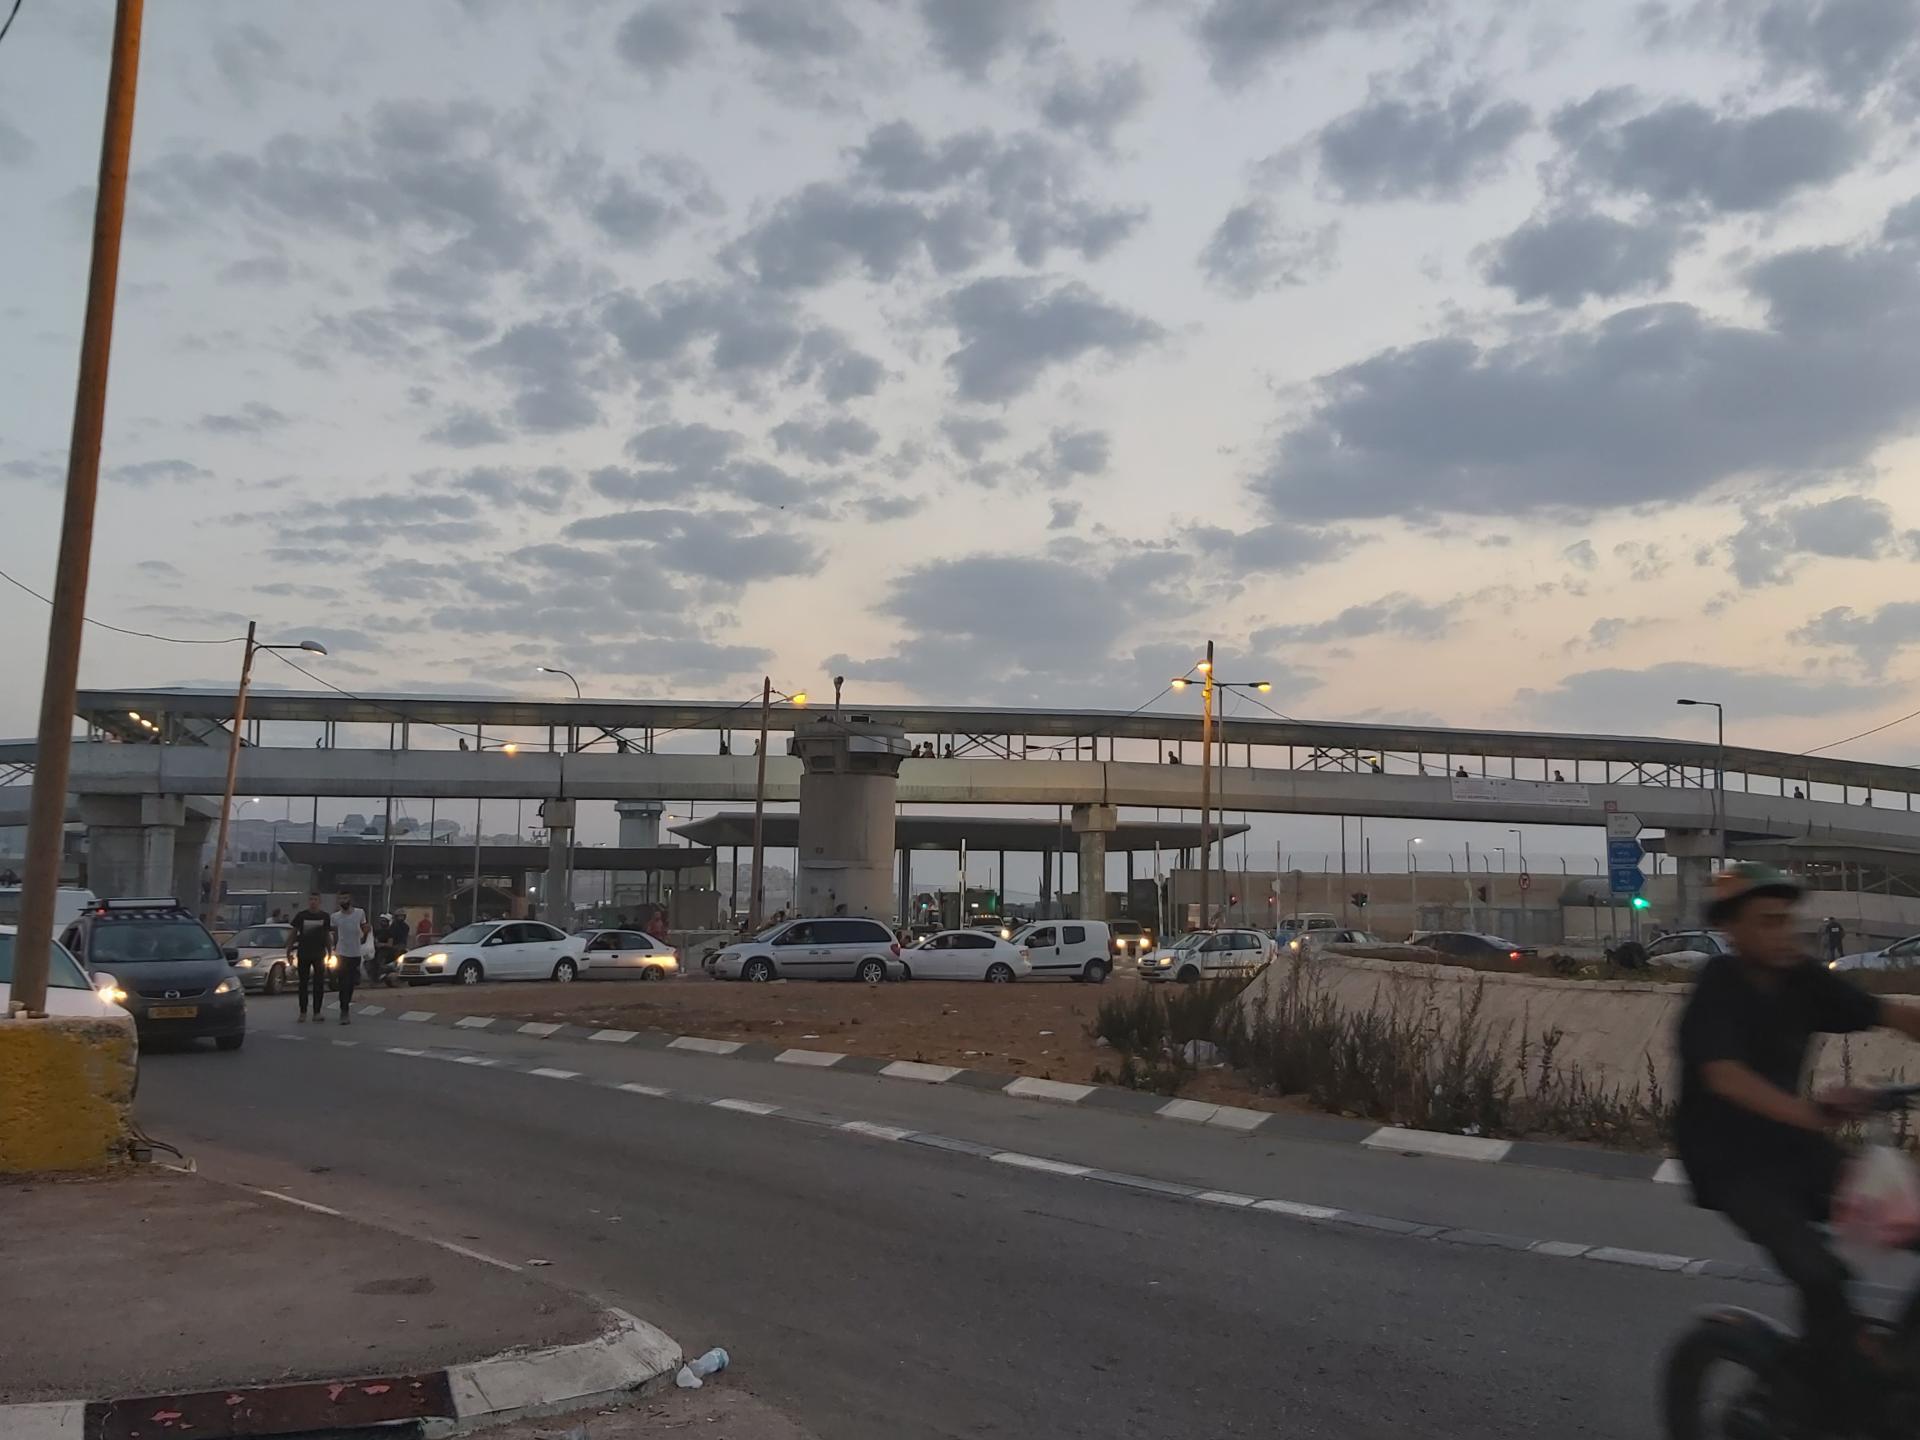 אנשים על הגשר והמכוניות שבאות לאסוף אותם מתחת לגשר